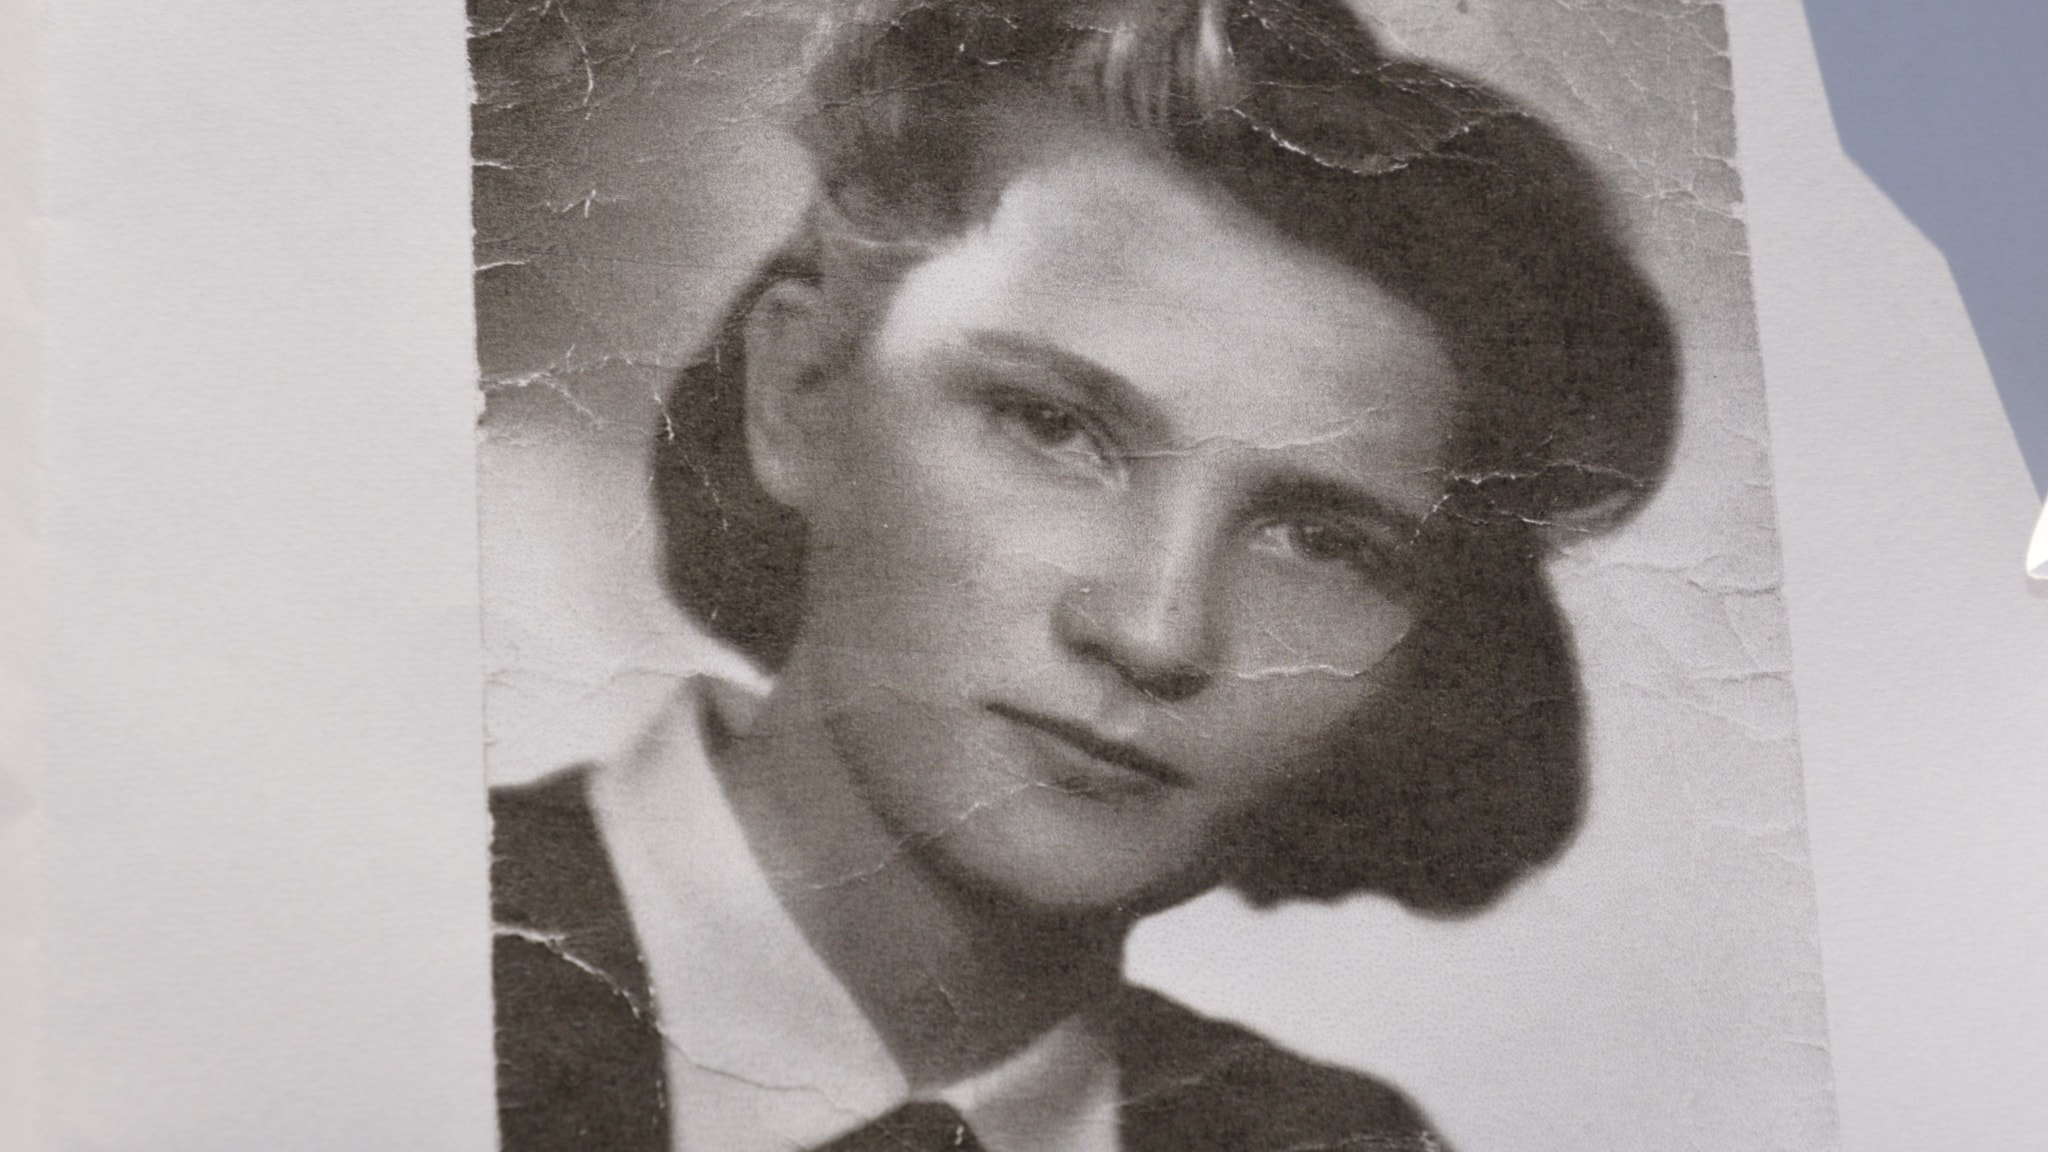 Kuva mustavalkoisesta valokuvasta jossa nuori nainen katsoo kameraan.